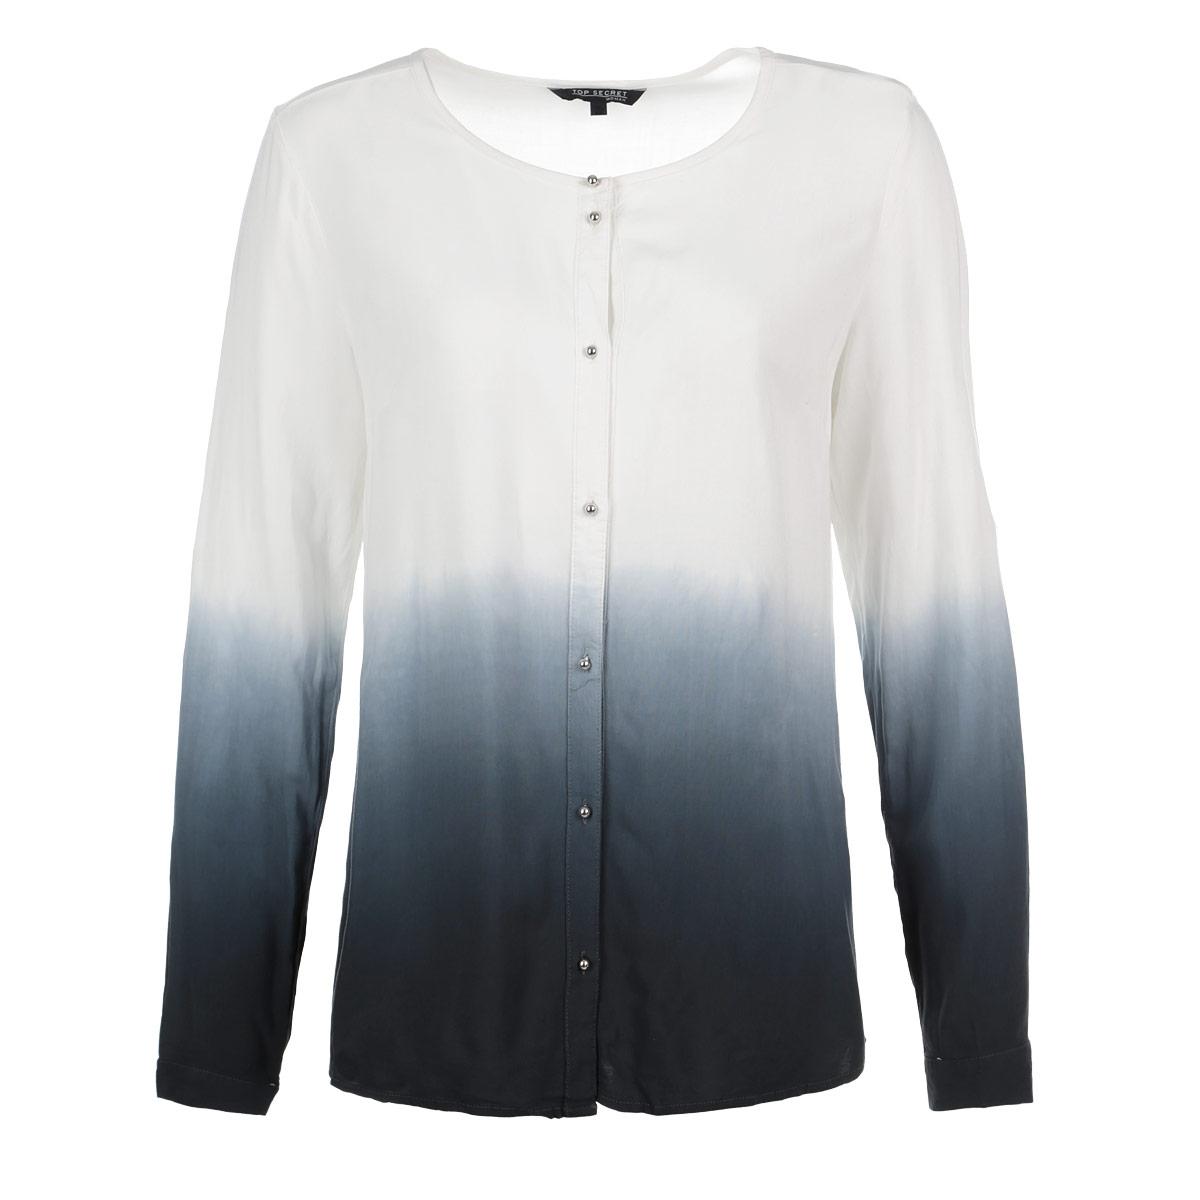 Блузка женская. SKL1748SKL1748BIСтильная блузка Top Secret, выполненная из высококачественного материала, обладает высокой теплопроводностью, воздухопроницаемостью и гигроскопичностью, позволяет коже дышать, тем самым обеспечивая наибольший комфорт при носке. Блузка прямого кроя с длинными рукавами и круглым вырезом горловины застегивается на пуговицы. Манжеты также застегиваются на пуговицы. При желании рукава можно подвернуть до локтя и зафиксировать хлястиком на пуговицу. Такая блузка будет дарить вам комфорт в течение всего дня и послужит замечательным дополнением к вашему гардеробу.